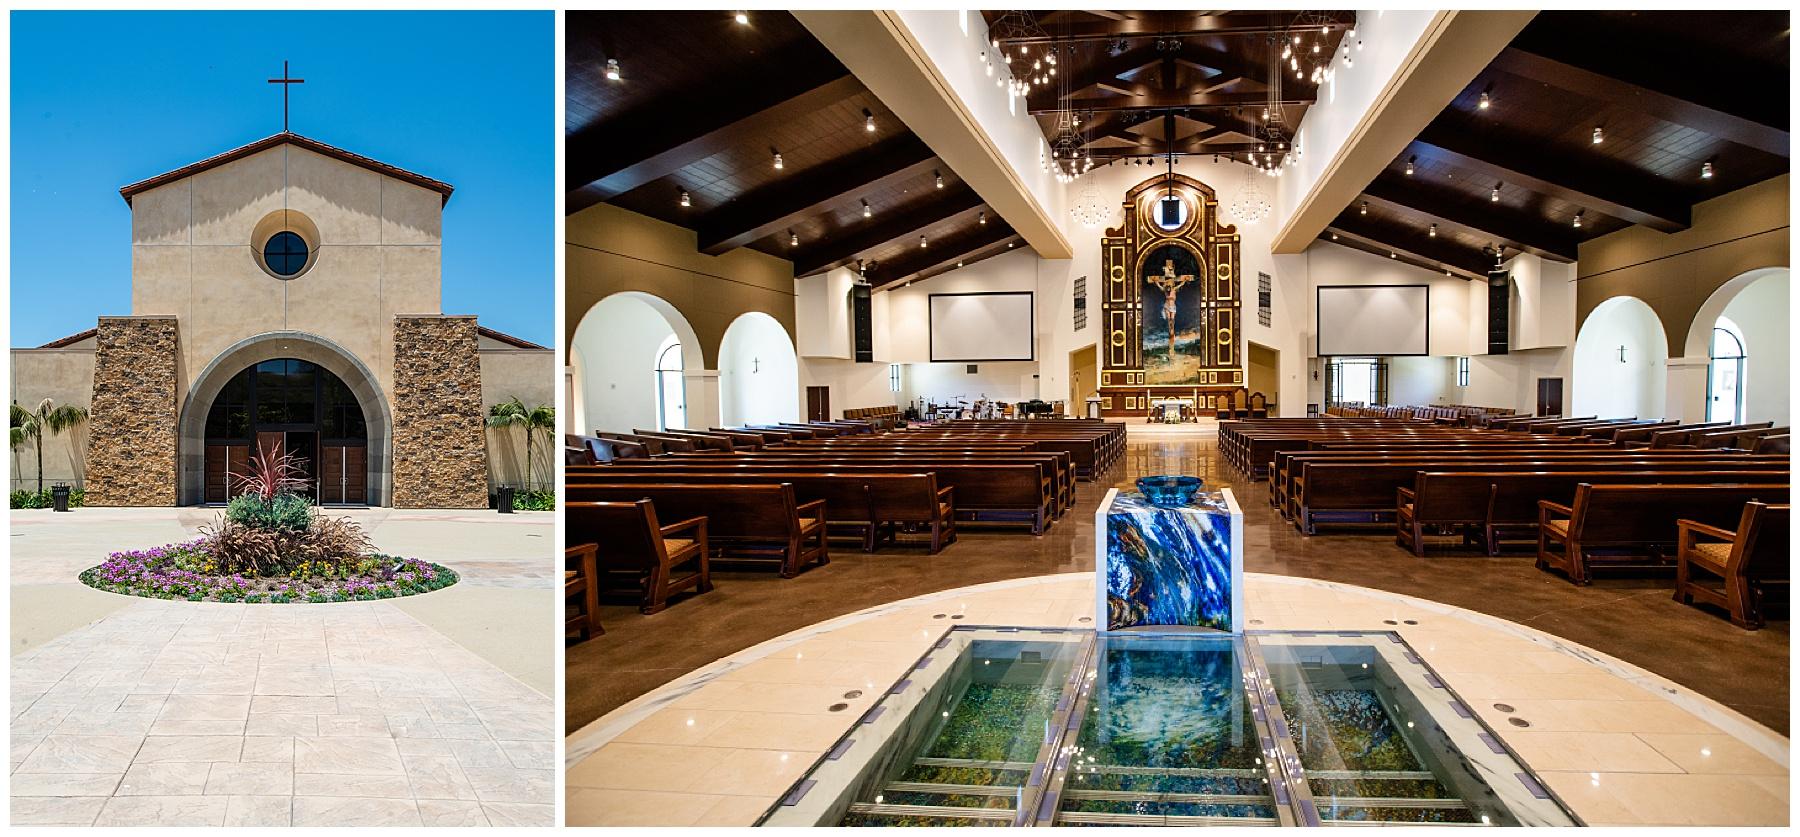 Holy Trinity Catholic Church, Ladera Ranch